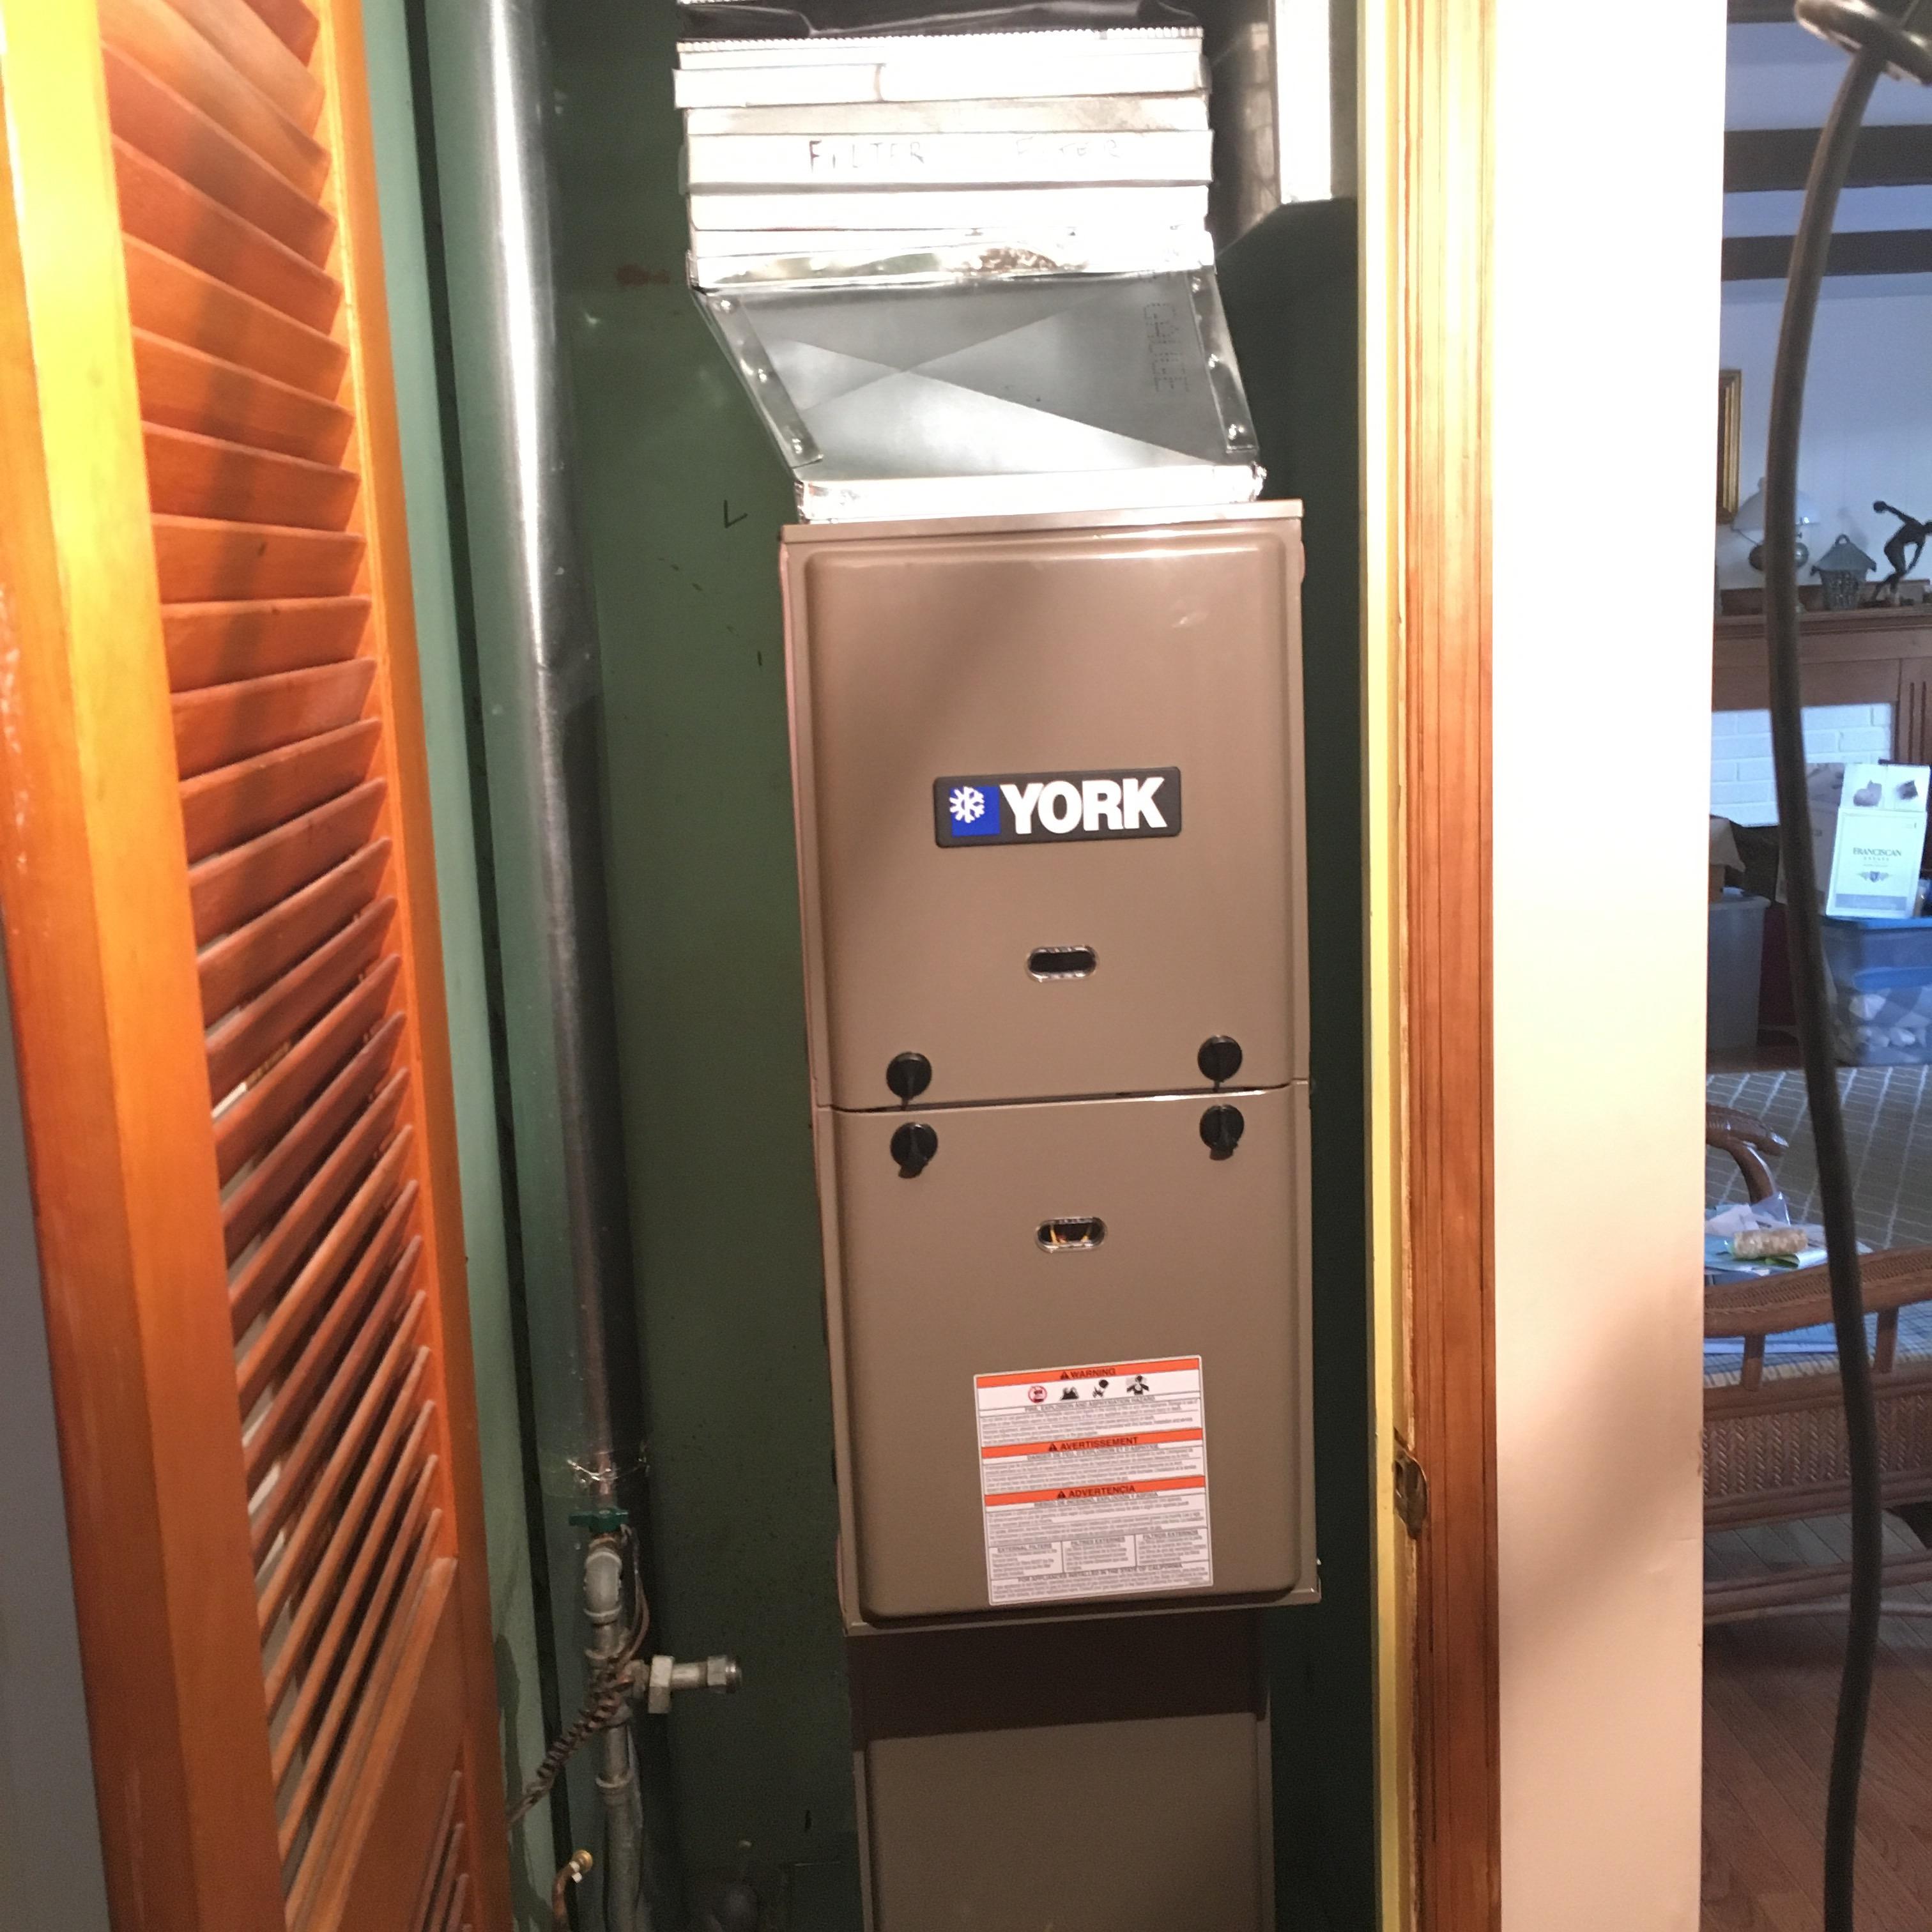 york 60000 btu furnace. image.jpeg 1.2m york 60000 btu furnace